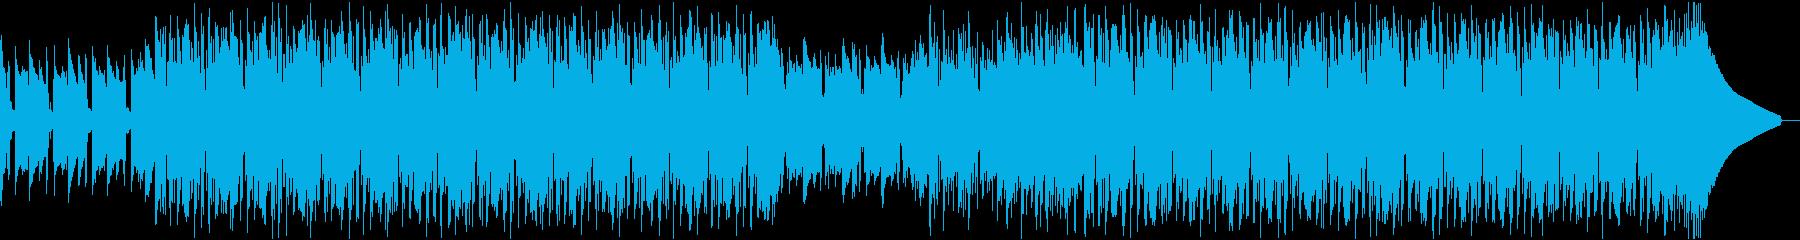 【メロ抜き】クールなFutureBassの再生済みの波形